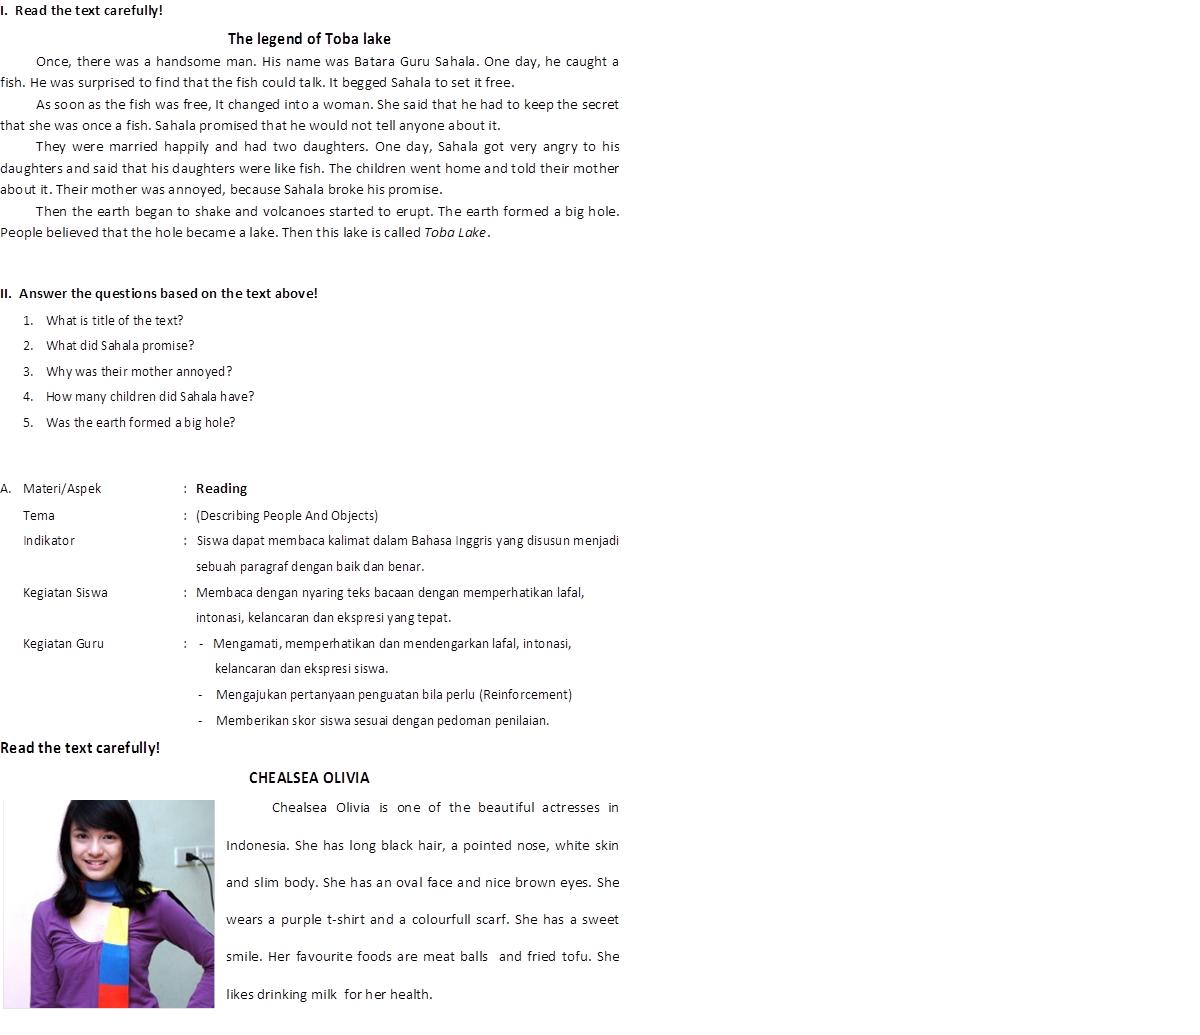 Soal Ipa Sd Kelas 6 Beserta Kunci Jawaban Soal English Sd Kelas 4 Soal Uts Bahasa Sunda Sd Kelas